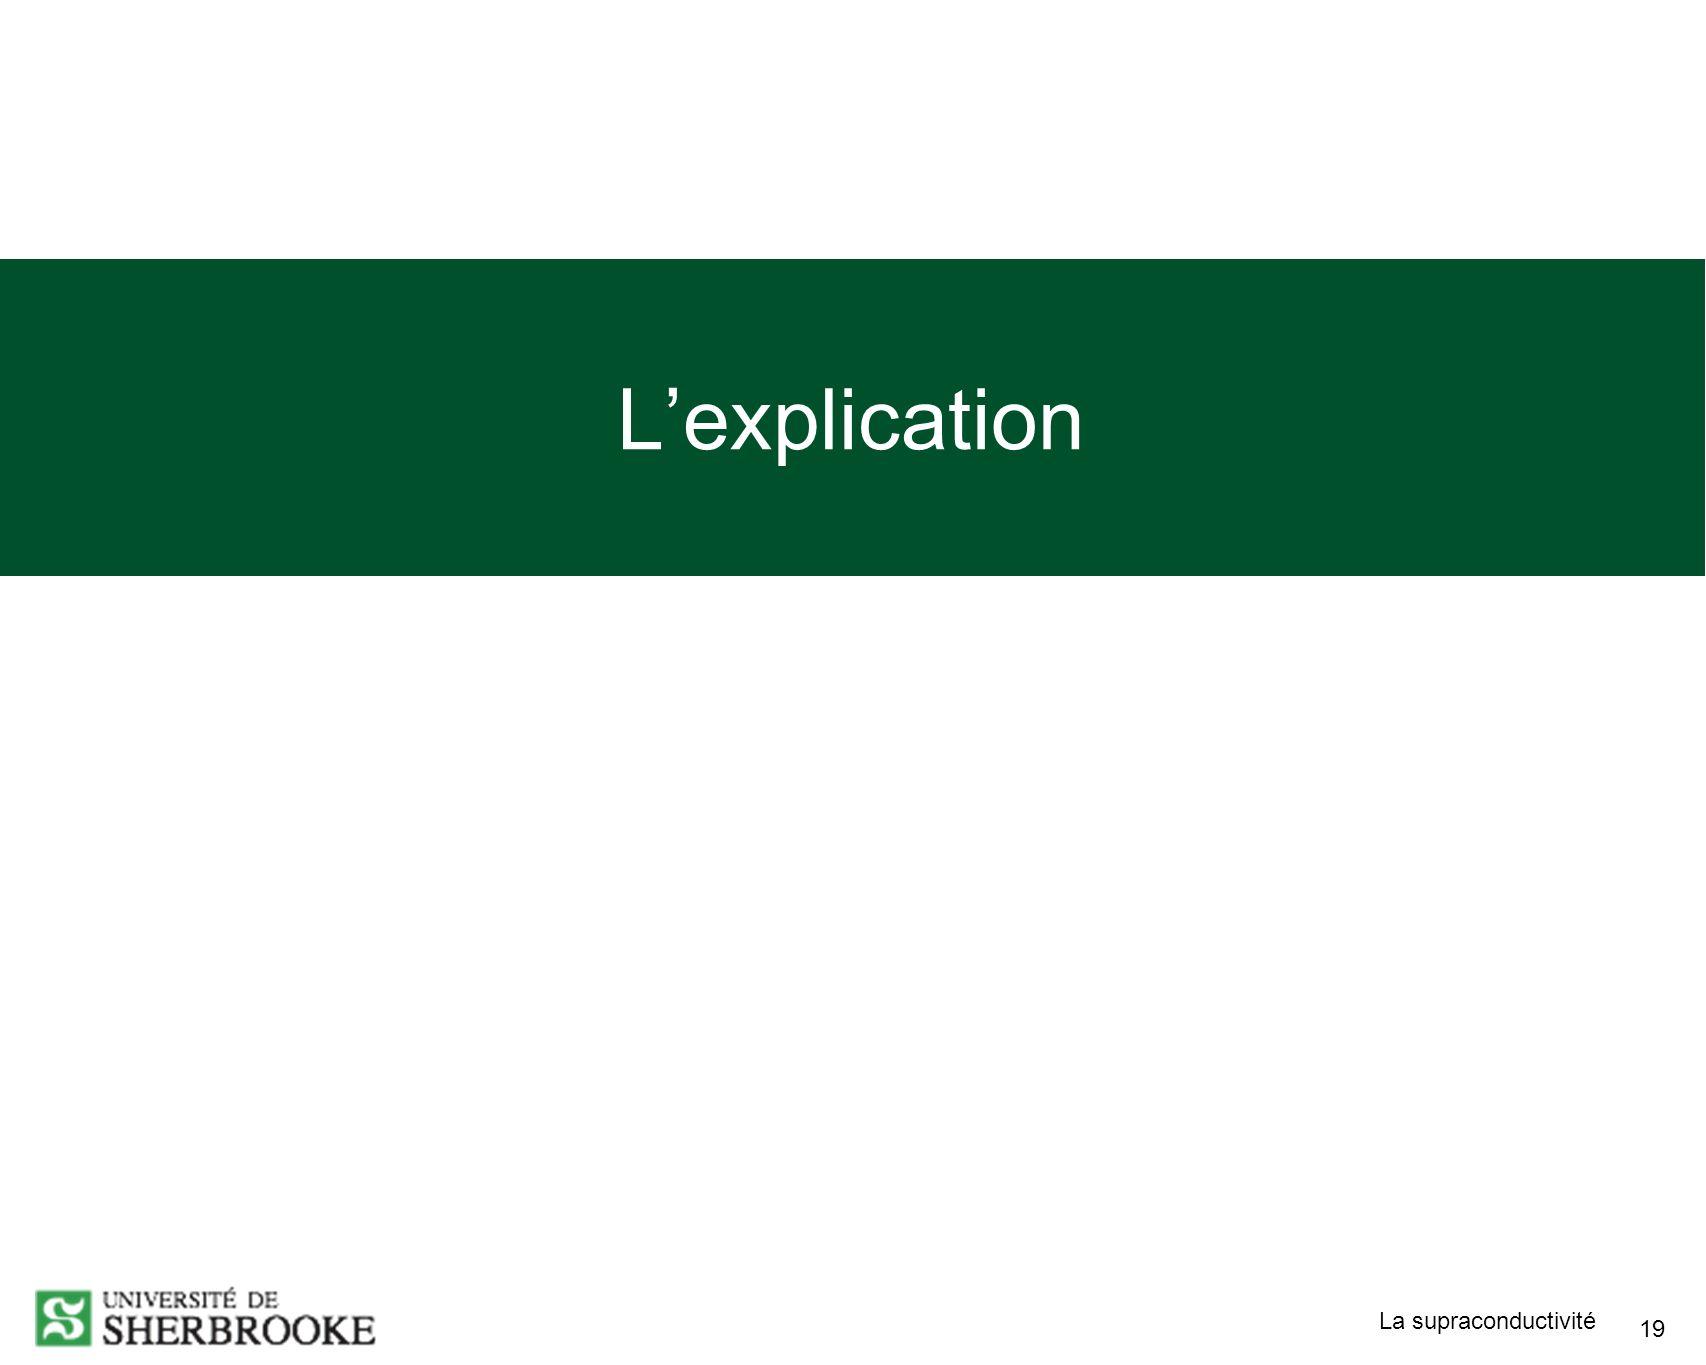 L'explication